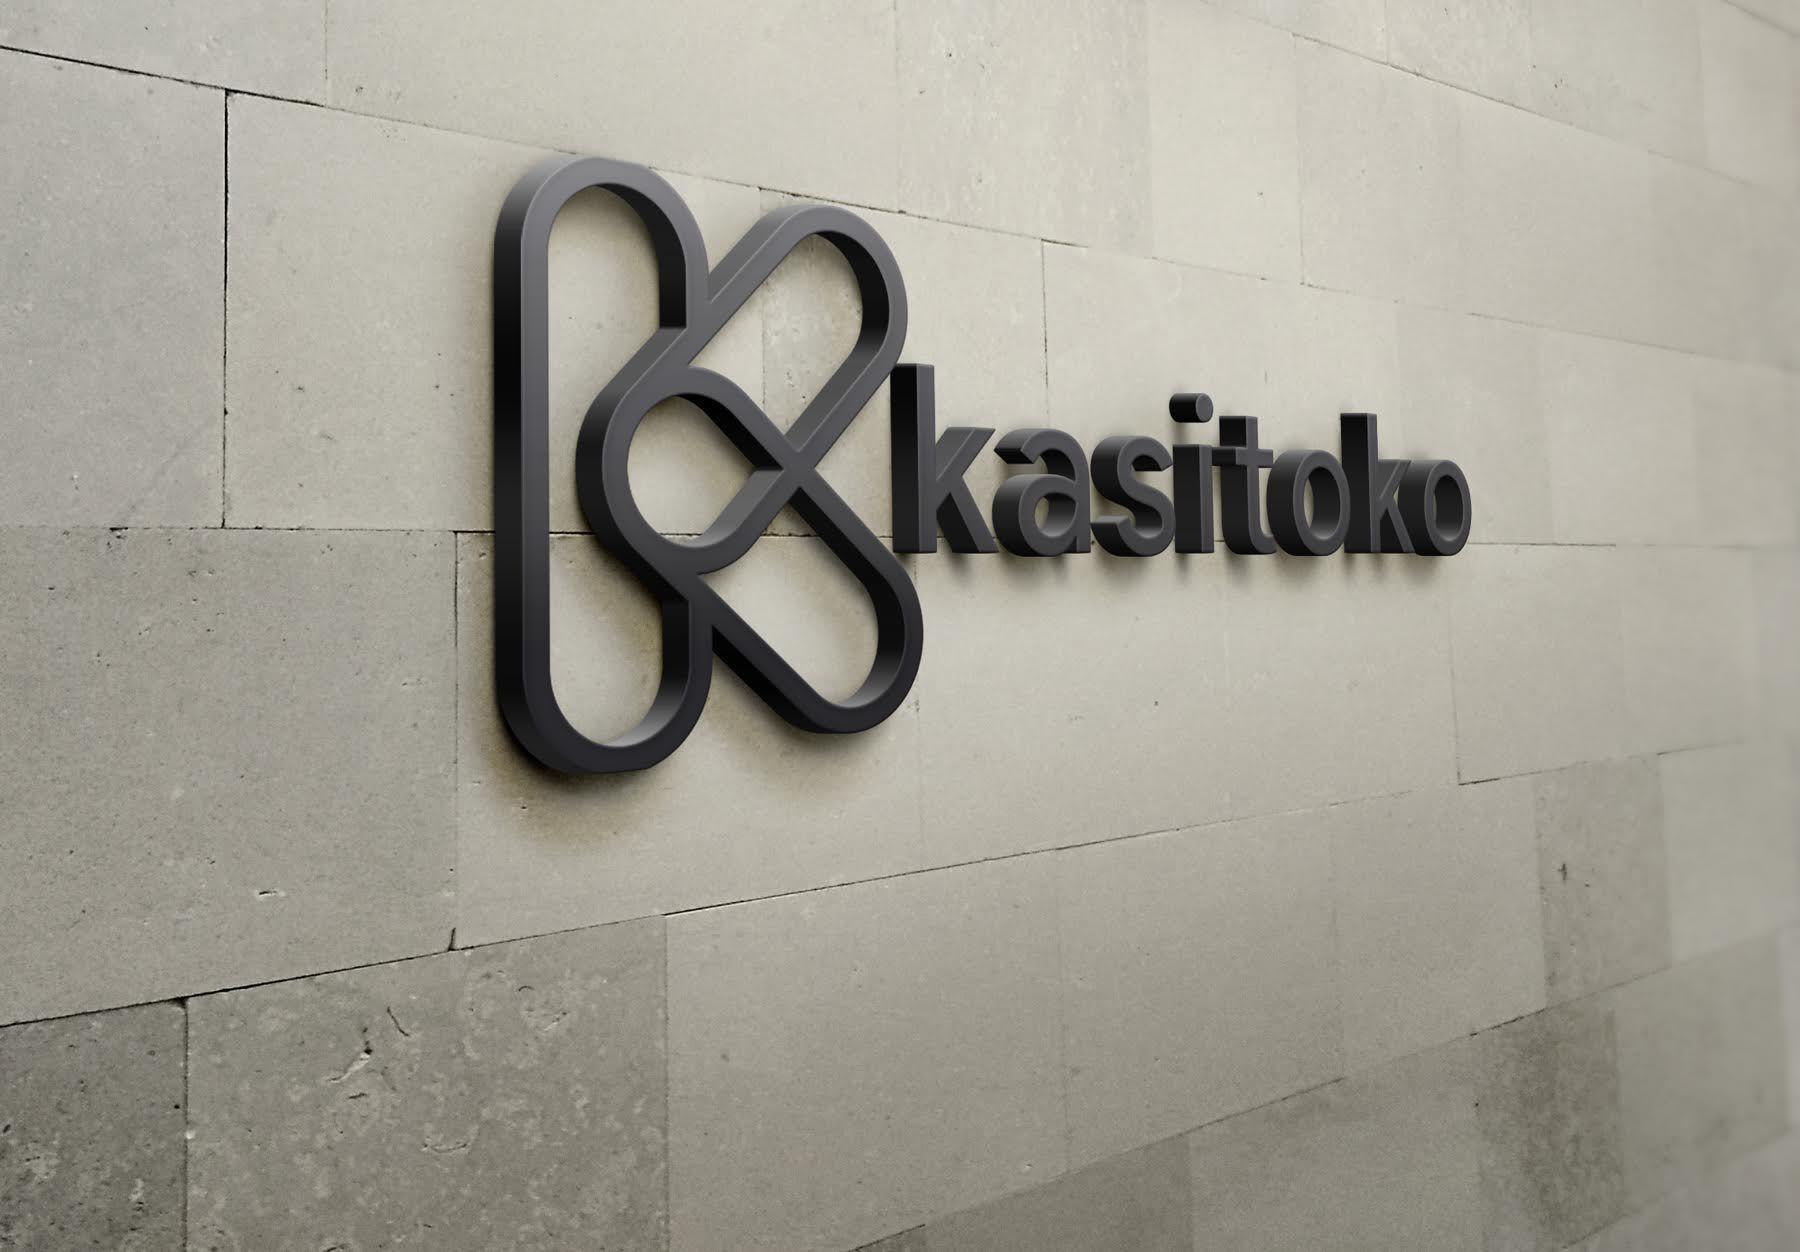 Kasitoko estandariza el marketing de influencers